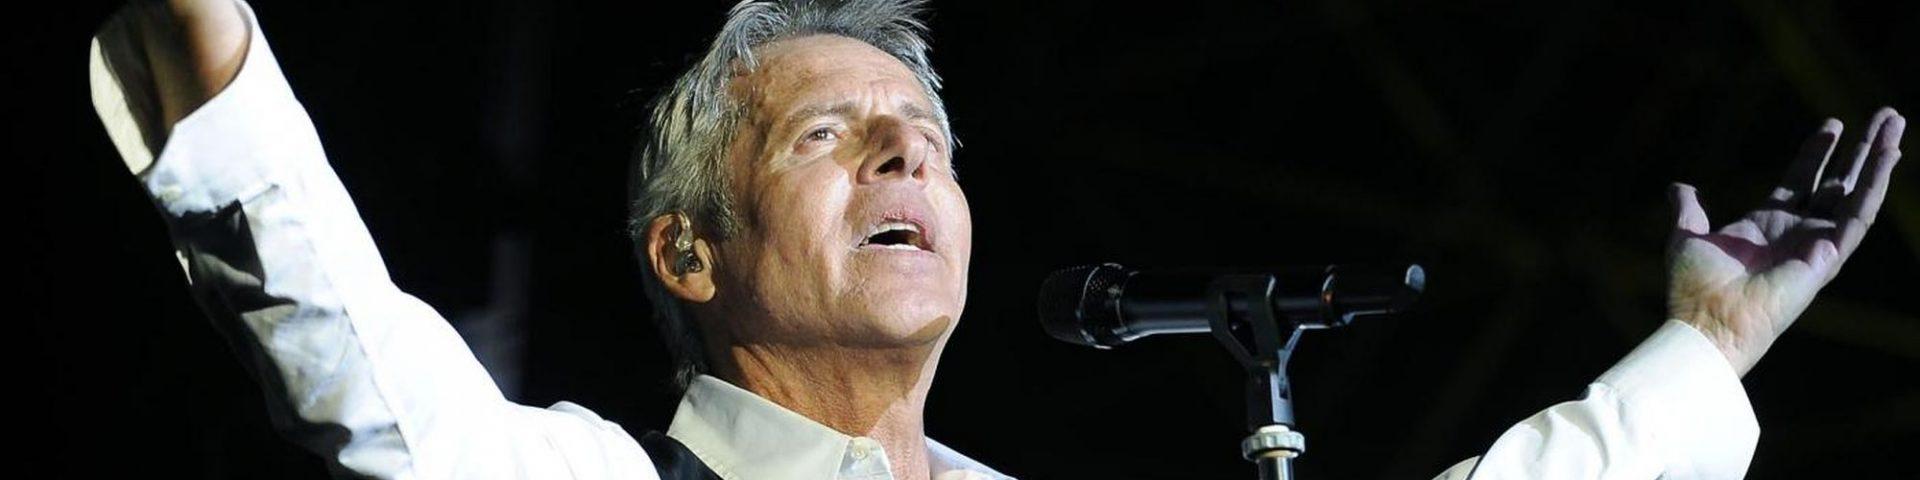 """Claudio Baglioni """"Al centro"""" a Verona: scaletta, biglietti, come arrivare"""